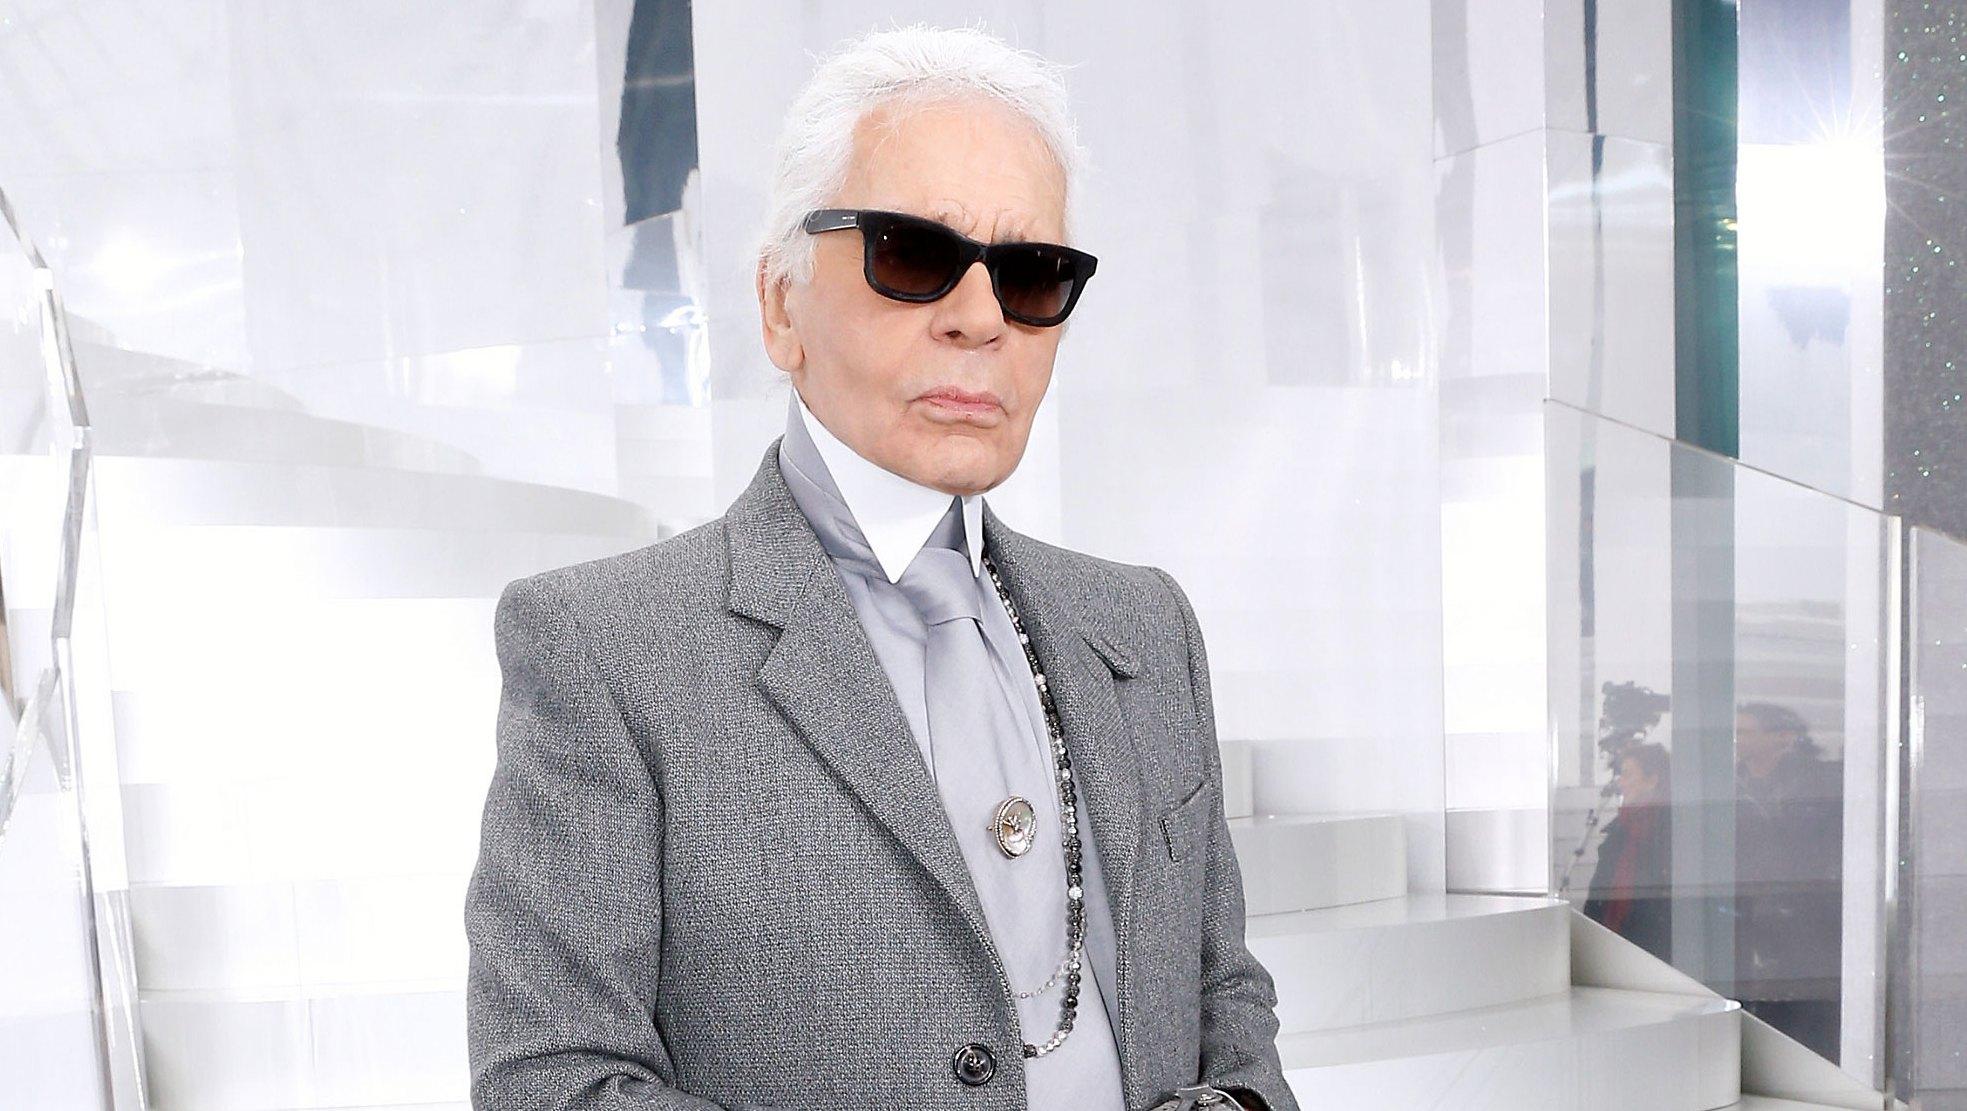 Karl Lagerfeld Dead